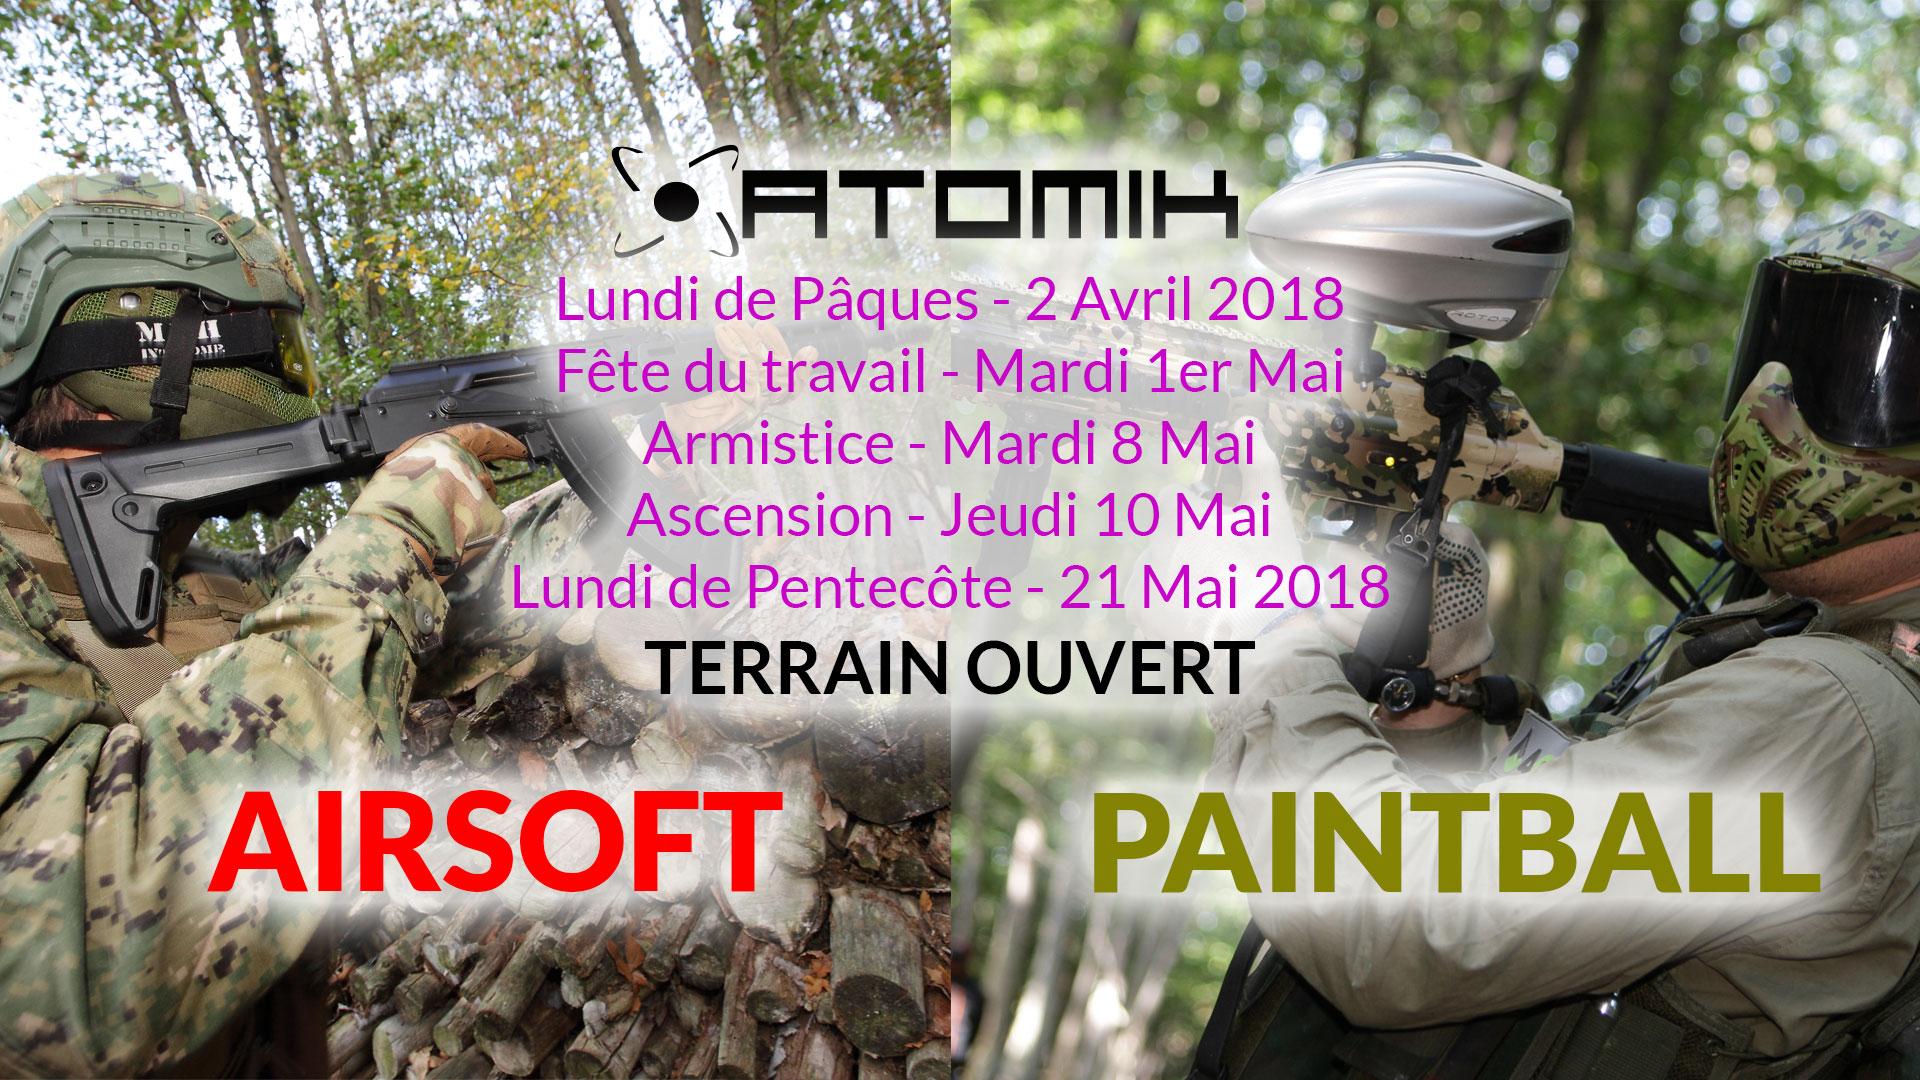 le terrain de paintball/airsoft sera ouvert tous les jours fériés 2018